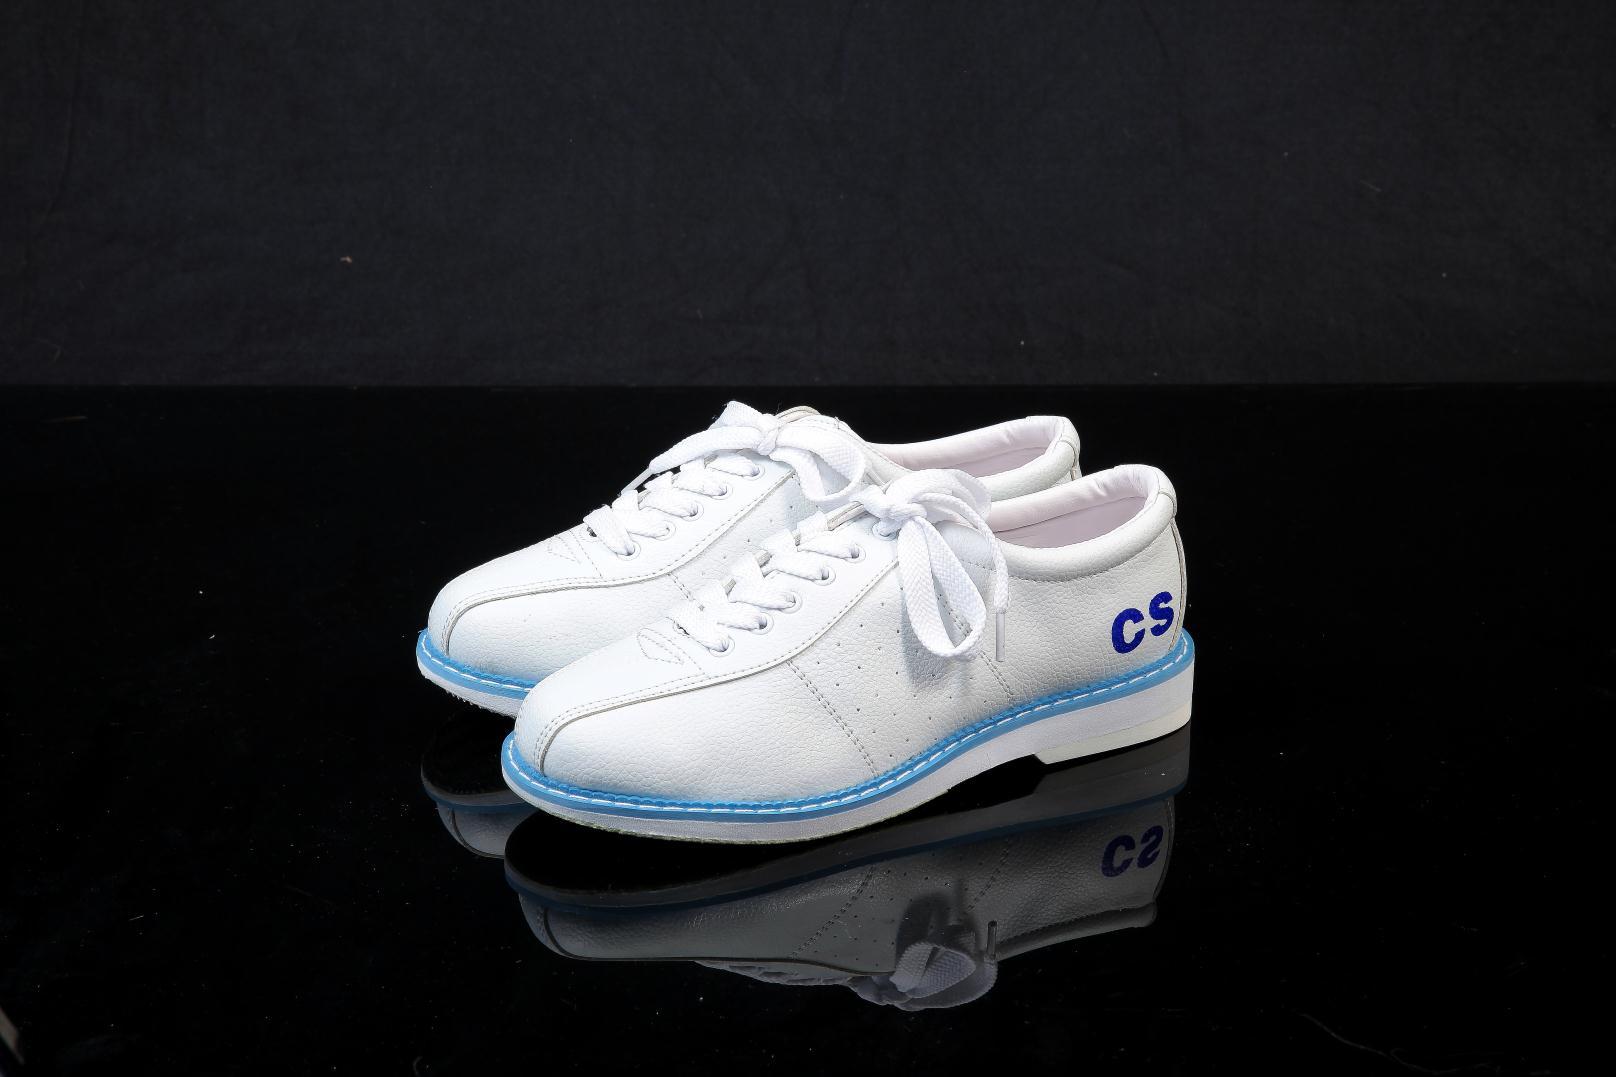 Специальное предложение 2018 полный год белый боулинг обувной подходит для мужчин и женщин новичок резерв CS-1-01